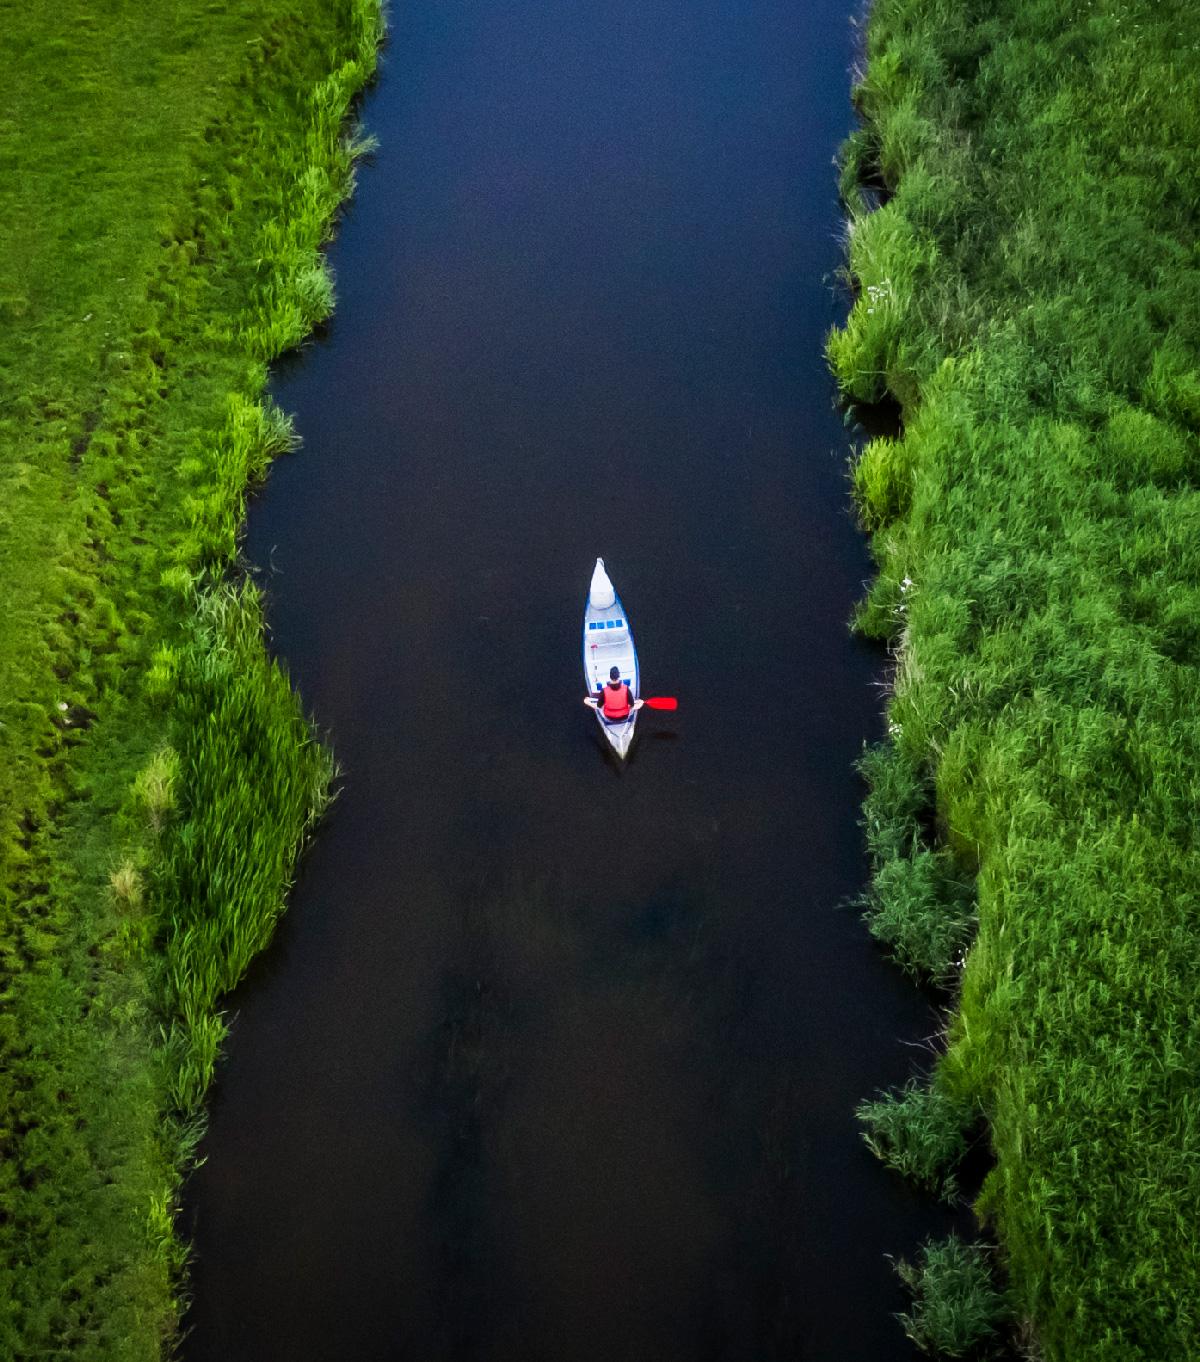 Kanotur på Kongeåen - Vejen